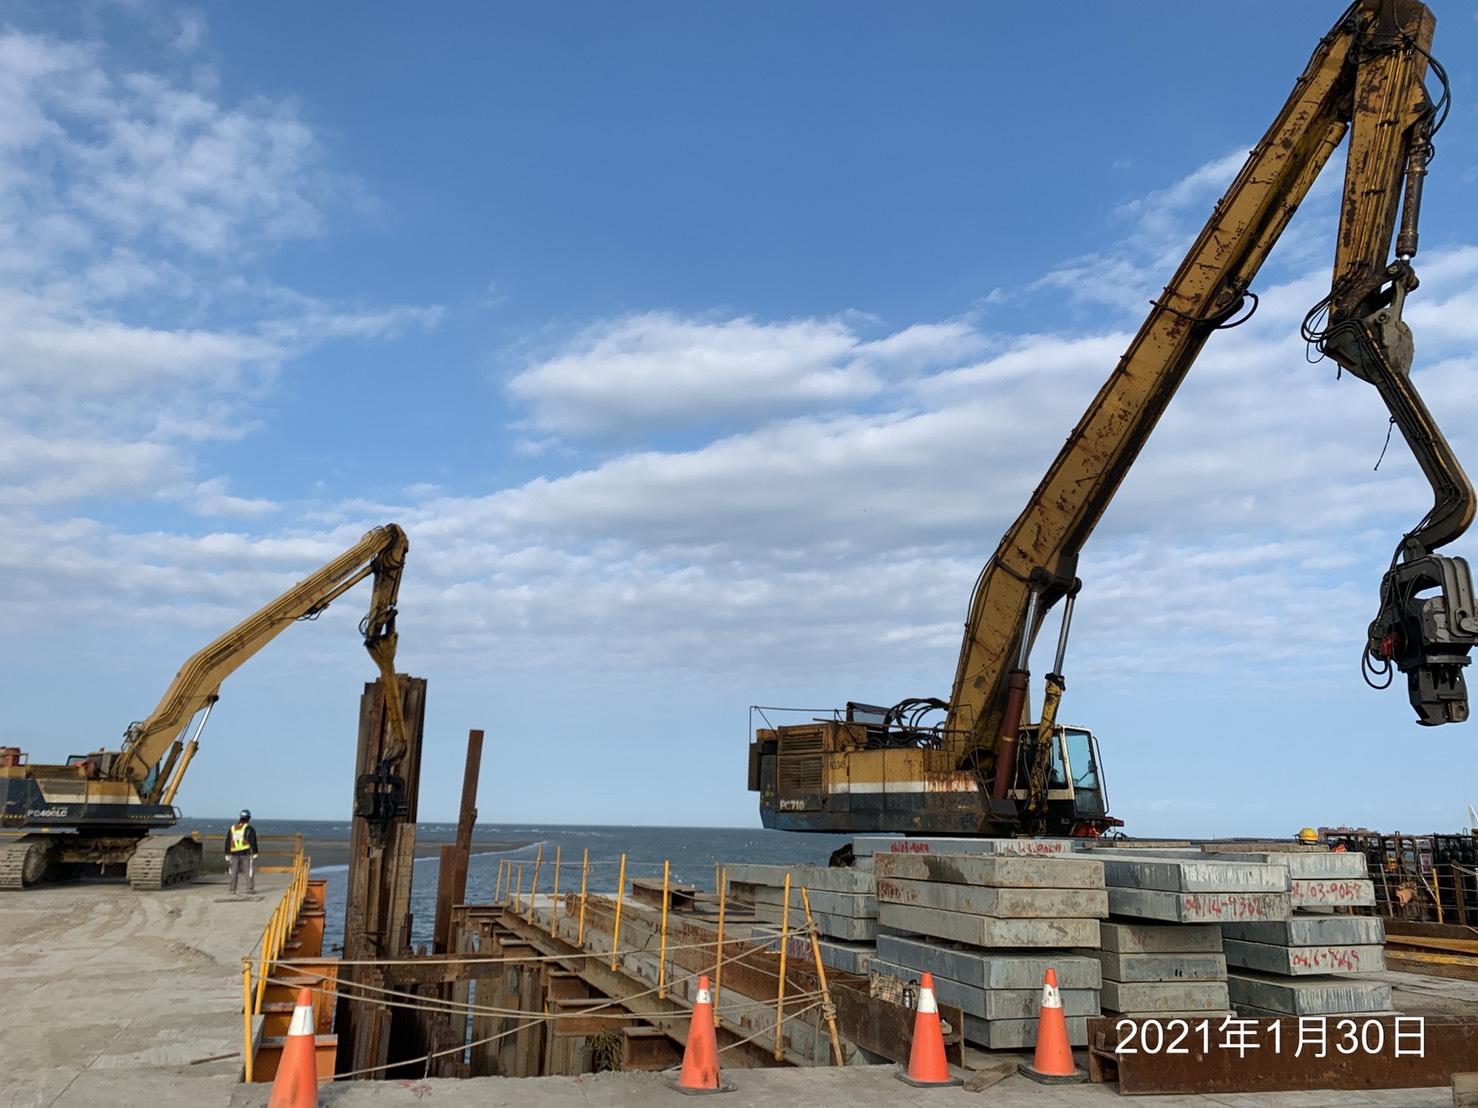 施工便橋構台鋼鈑樁打設作業.